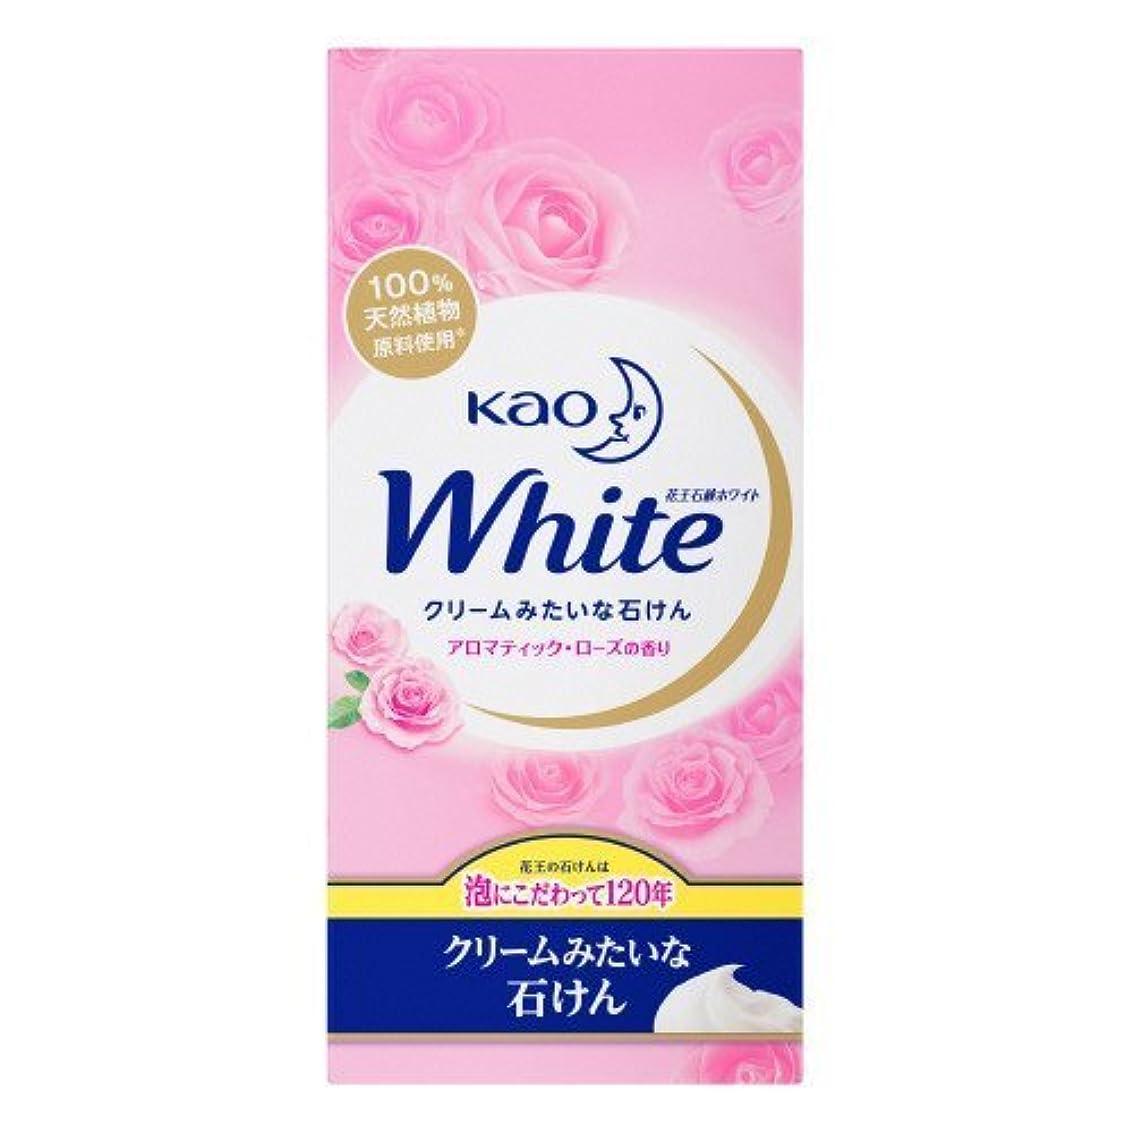 急ぐ交通慢性的【花王】花王ホワイト アロマティックローズの香りレギュラーサイズ (85g×6個) ×5個セット